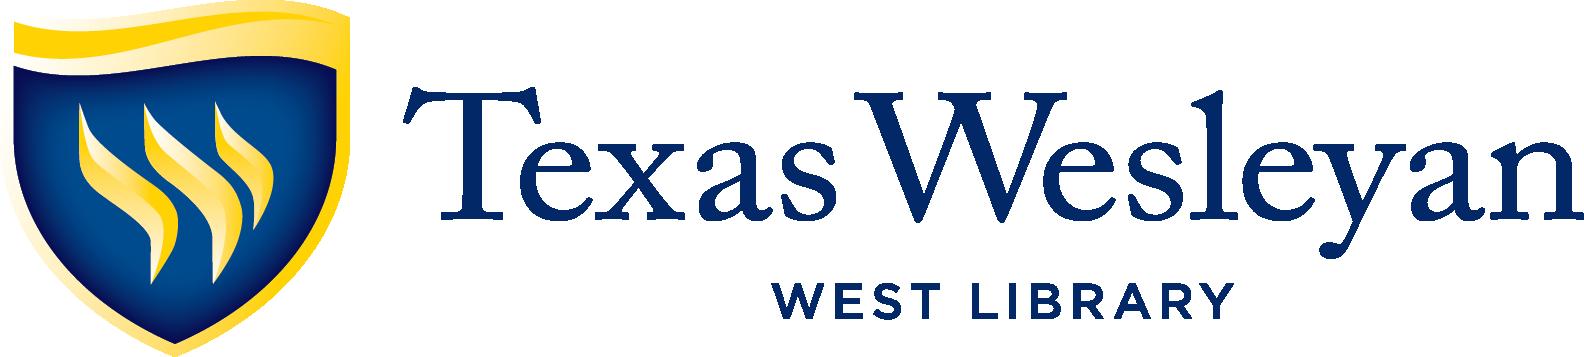 Texas Wesleyan West Library